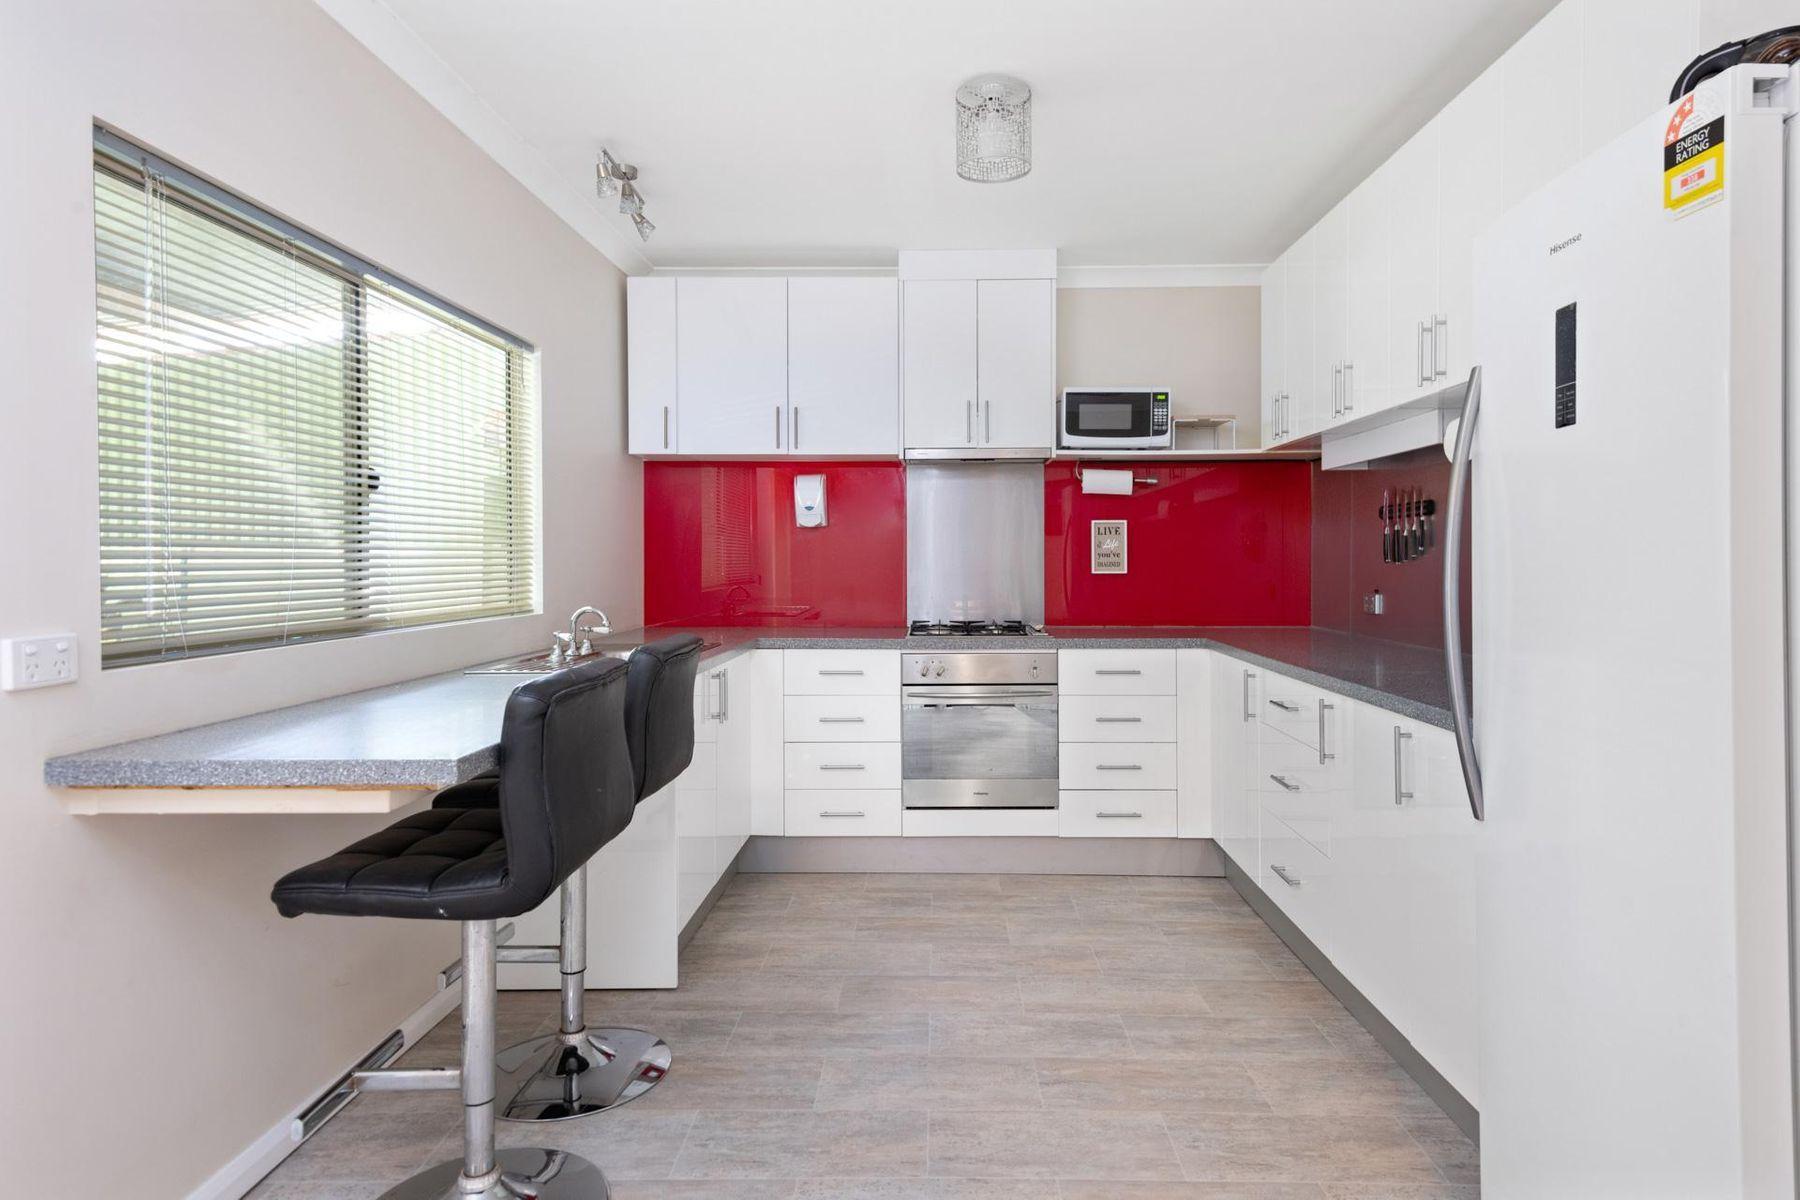 1E Victoria Street, Kalgoorlie, WA 6430